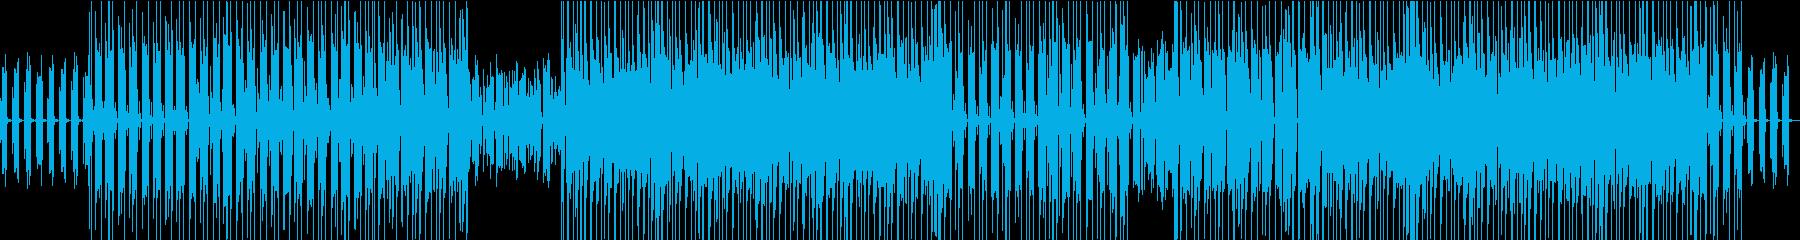 【生演奏】朝にぴったりな爽やかBGMの再生済みの波形